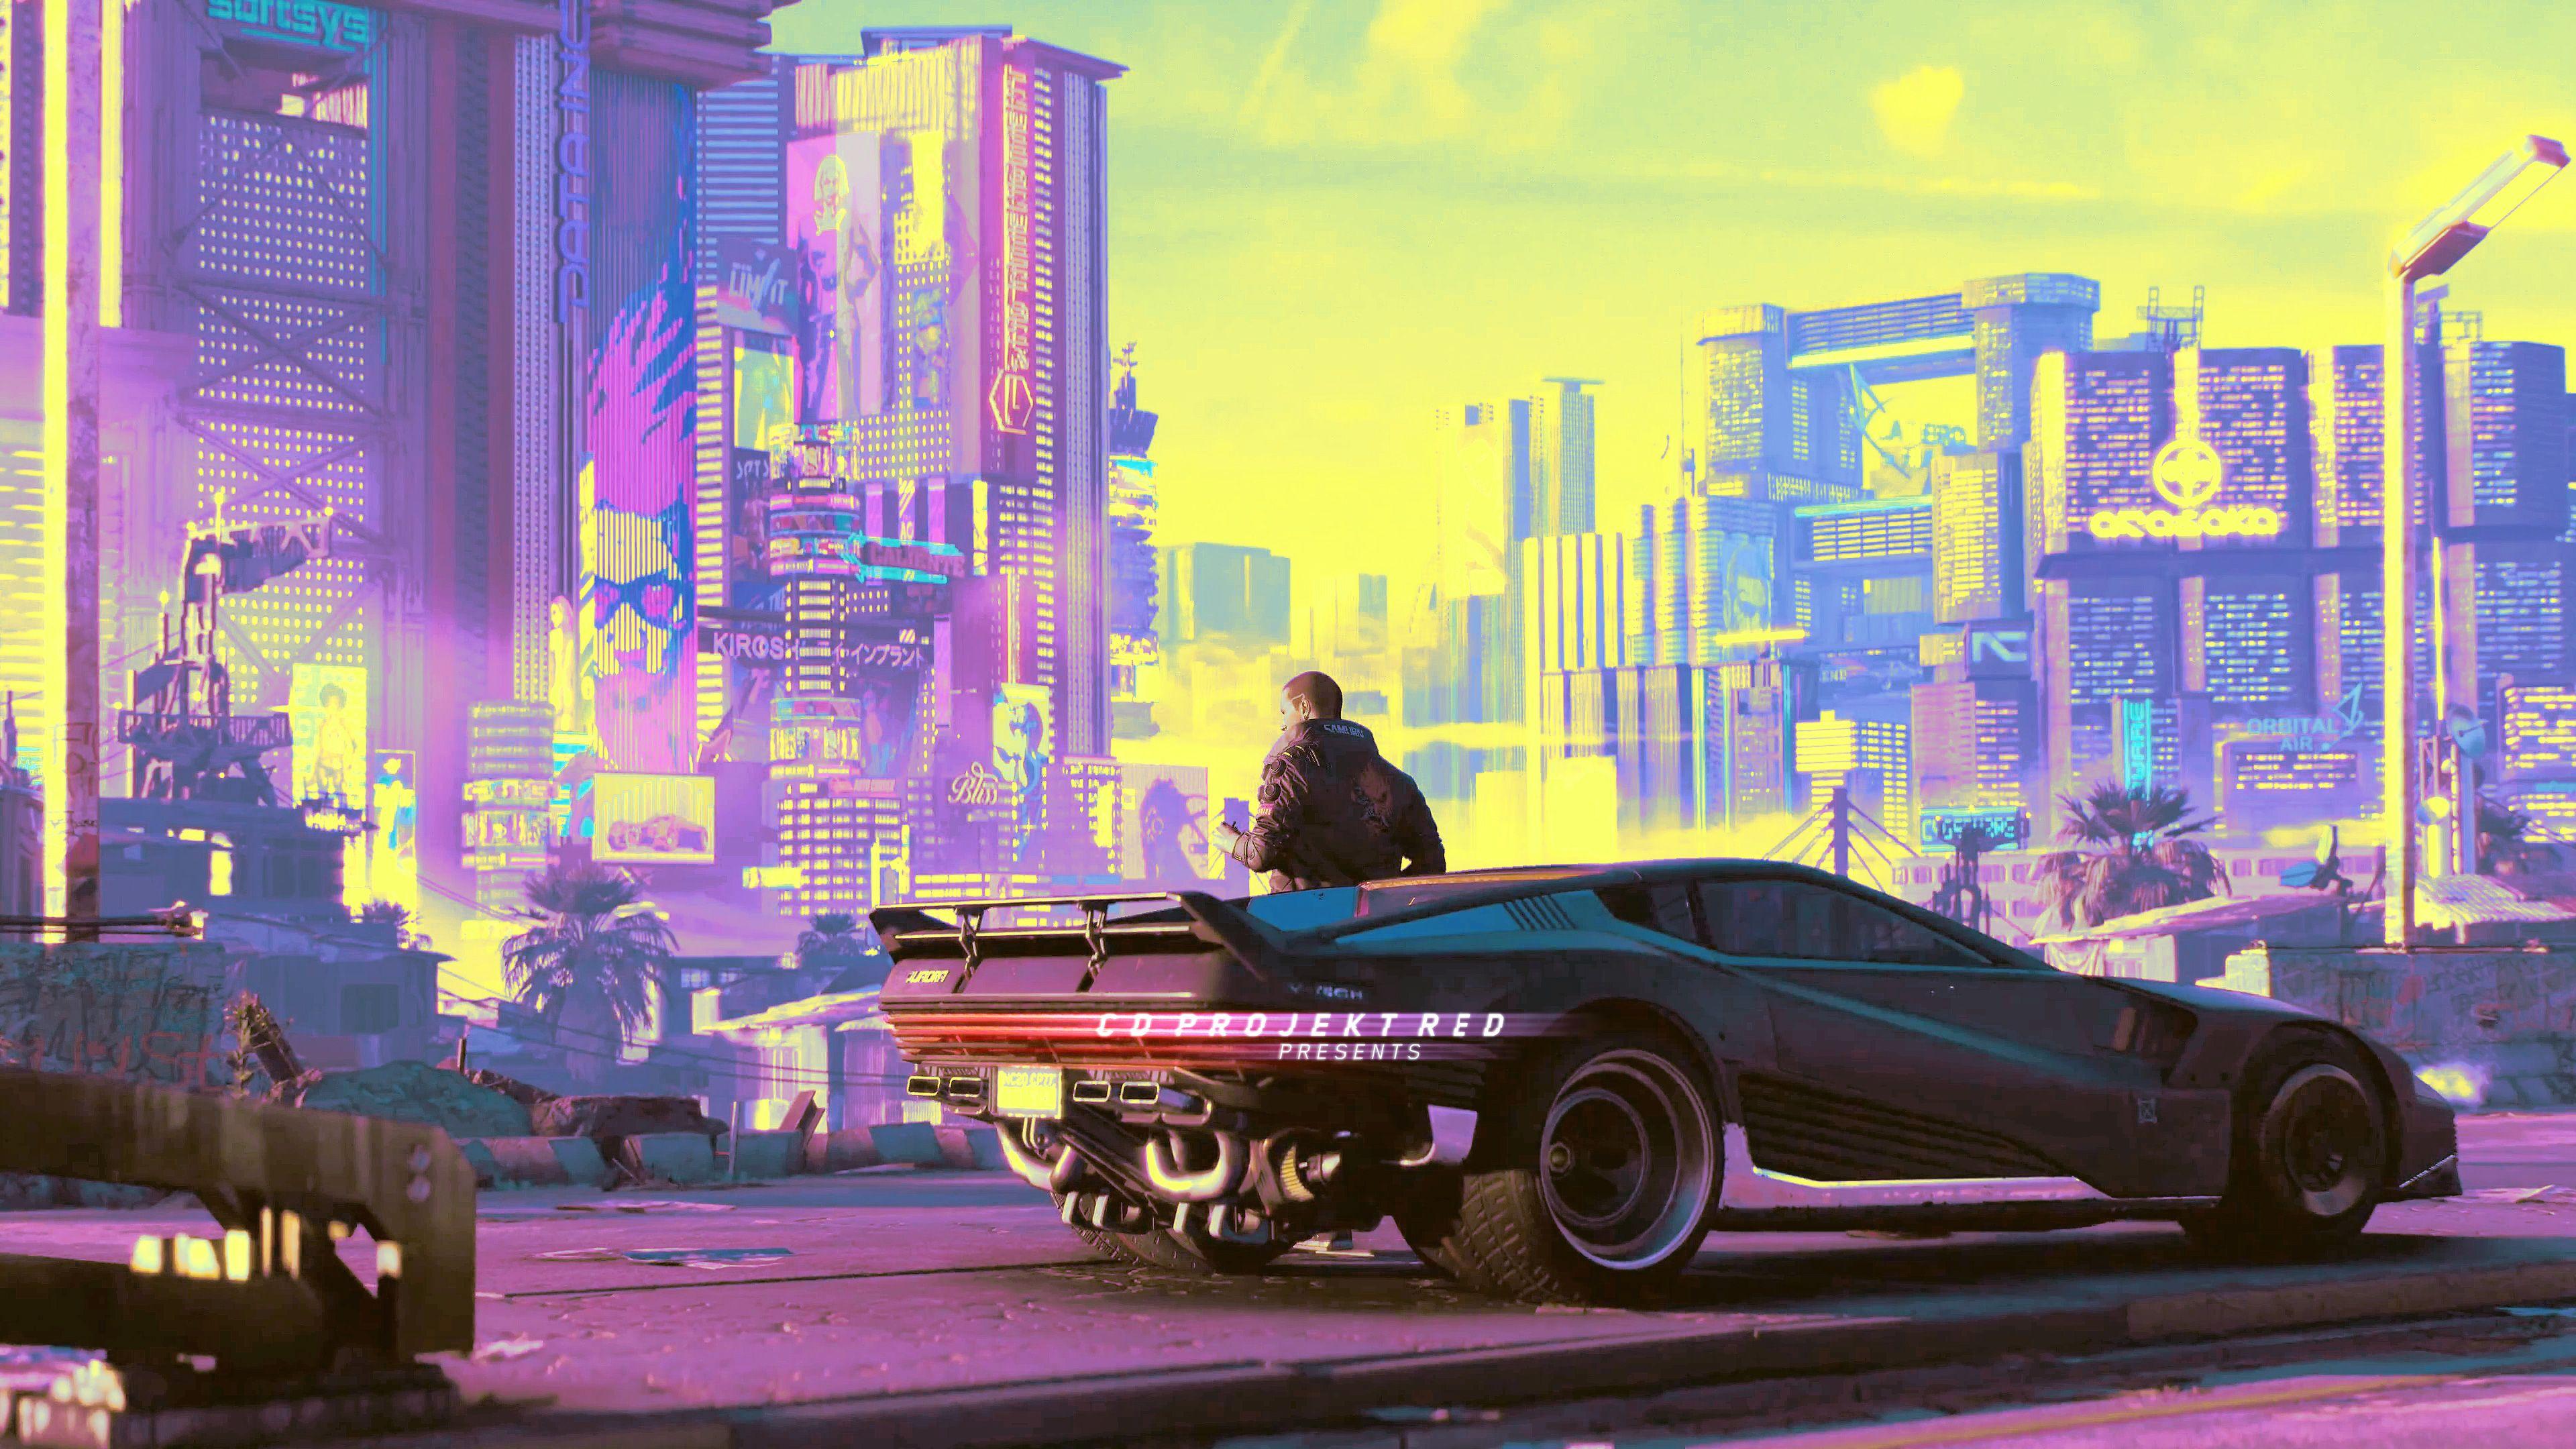 Cyberpunk 2077 Artistic 4k Pc File Army Cyberpunk 2077 Cyberpunk Cyberpunk Art